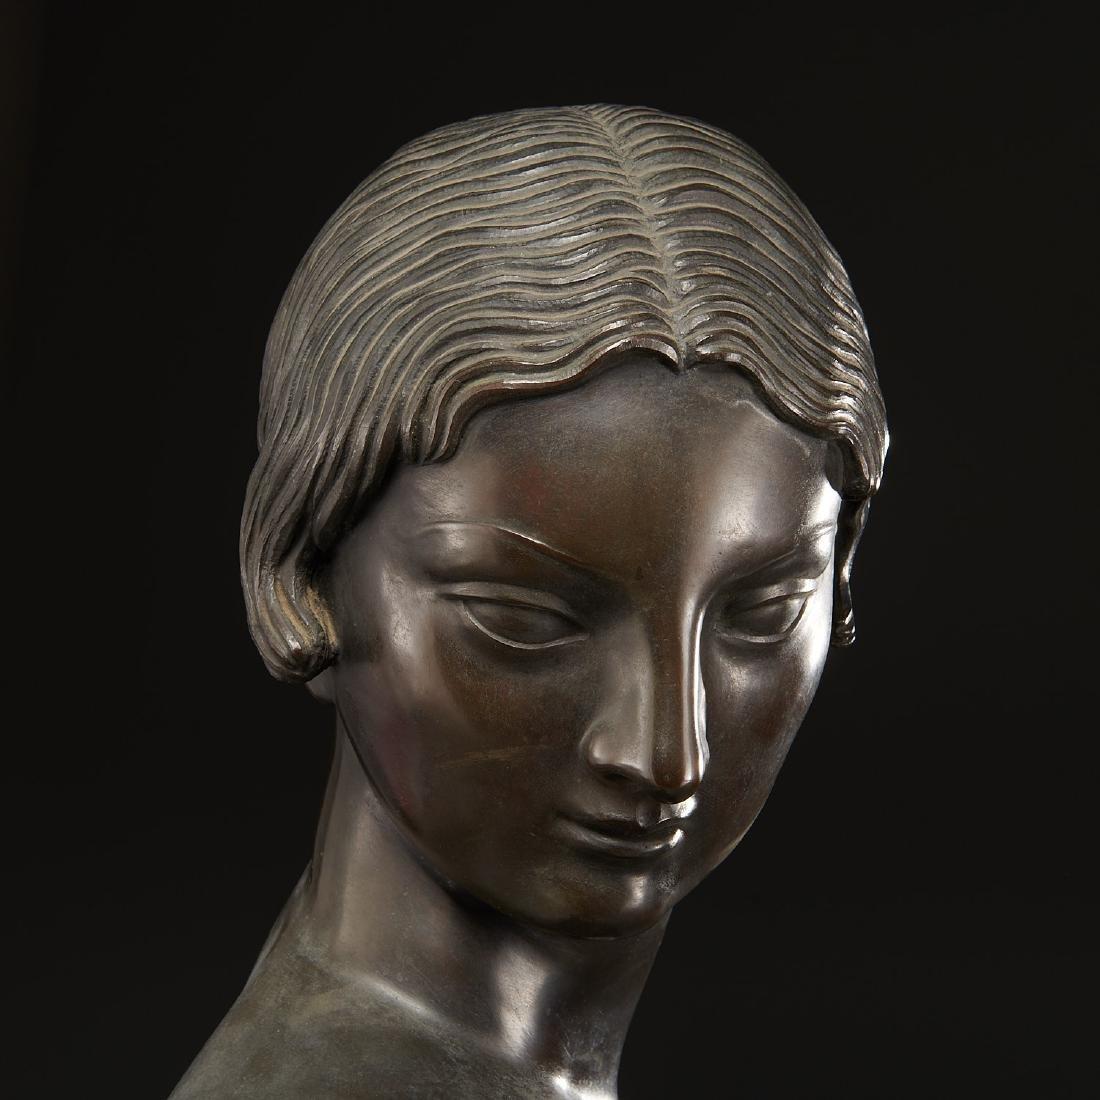 Amleto Cataldi, sculpture, c. 1925 - 3